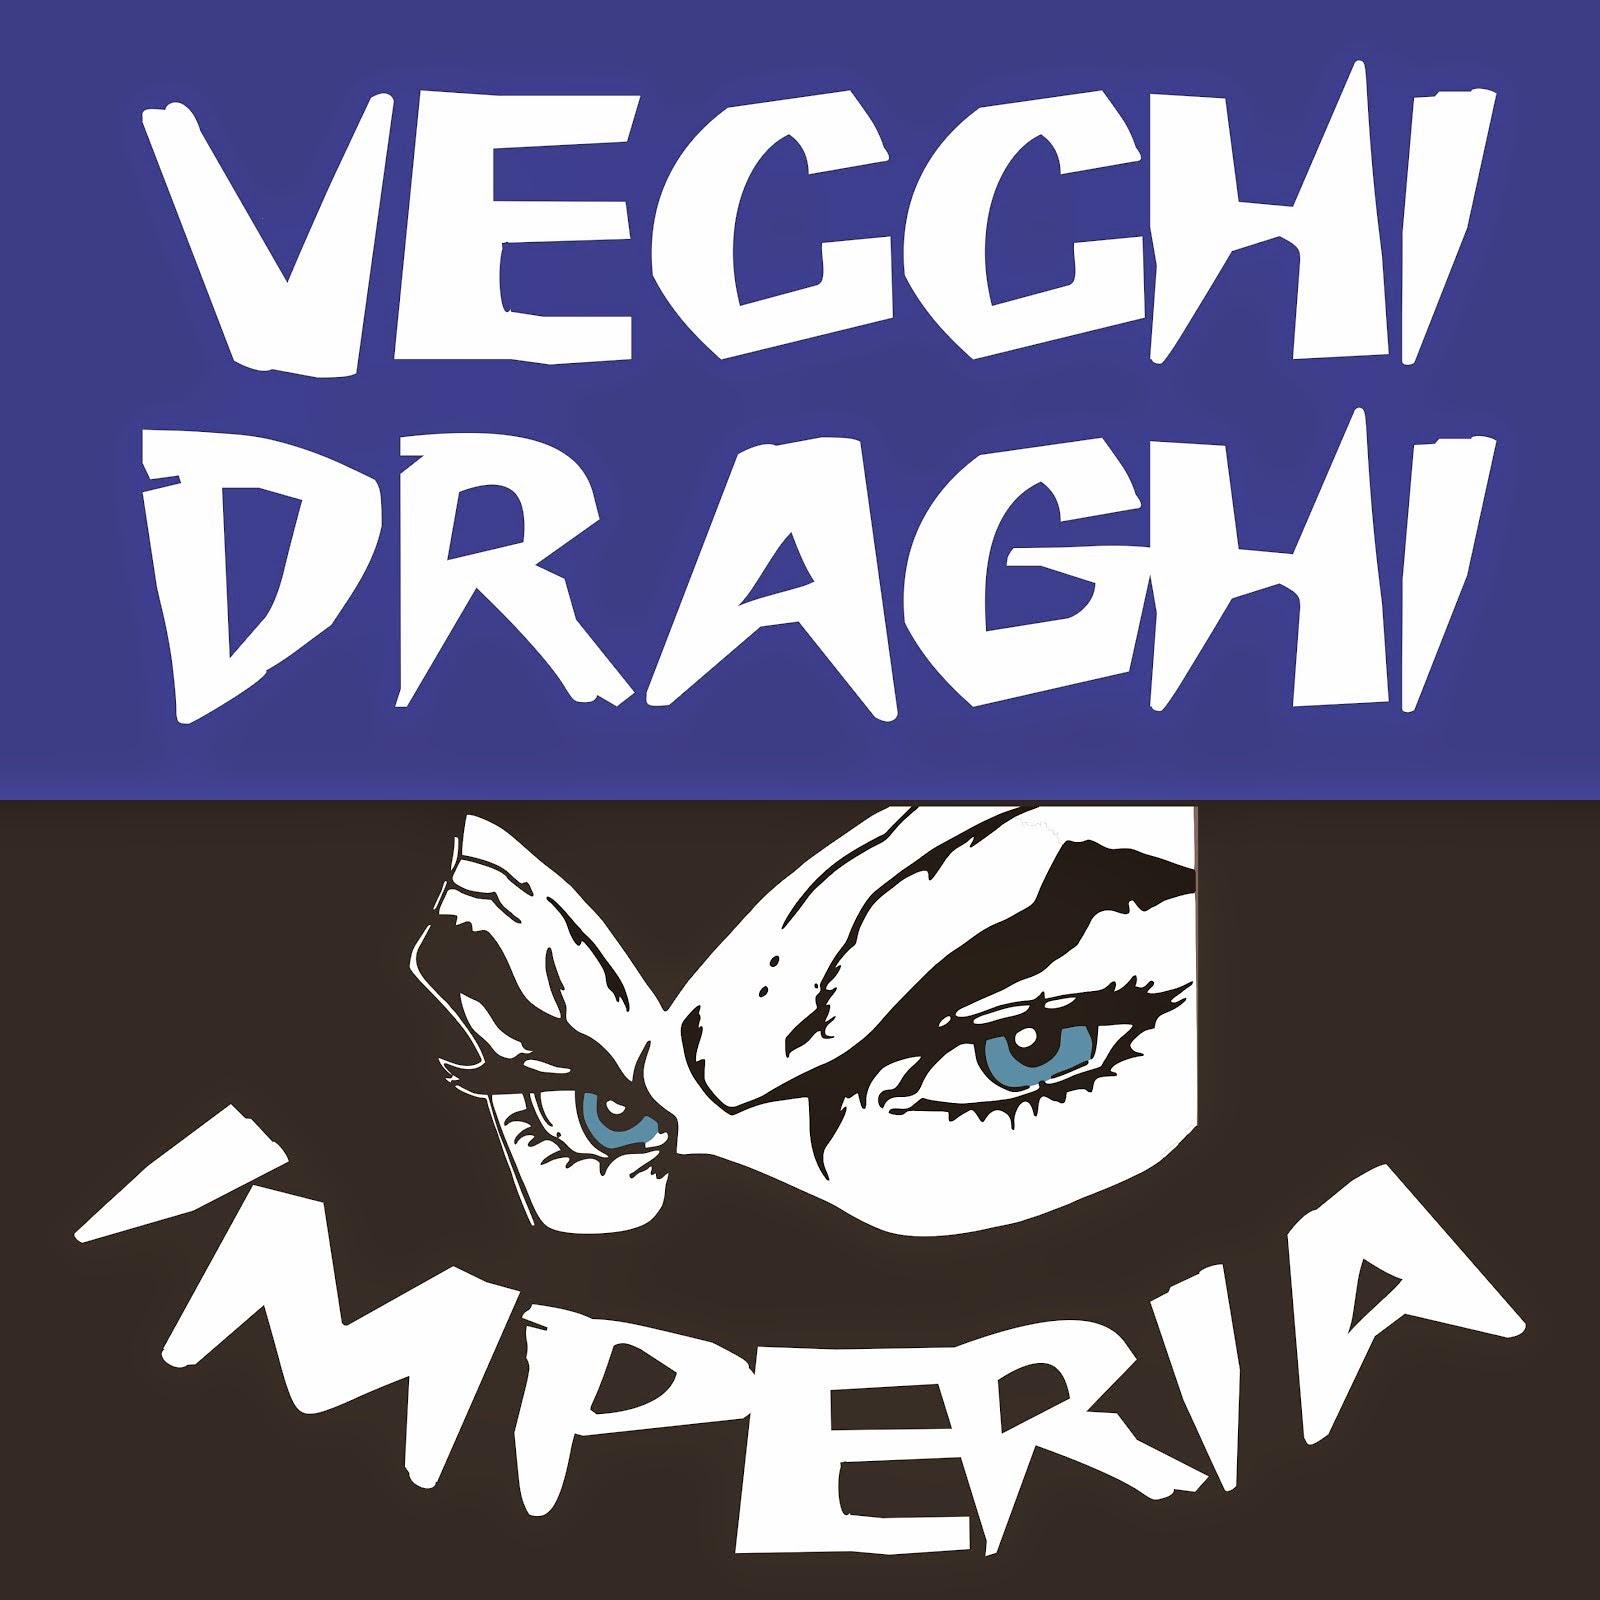 VECCHI DRAGHI IMPERIA